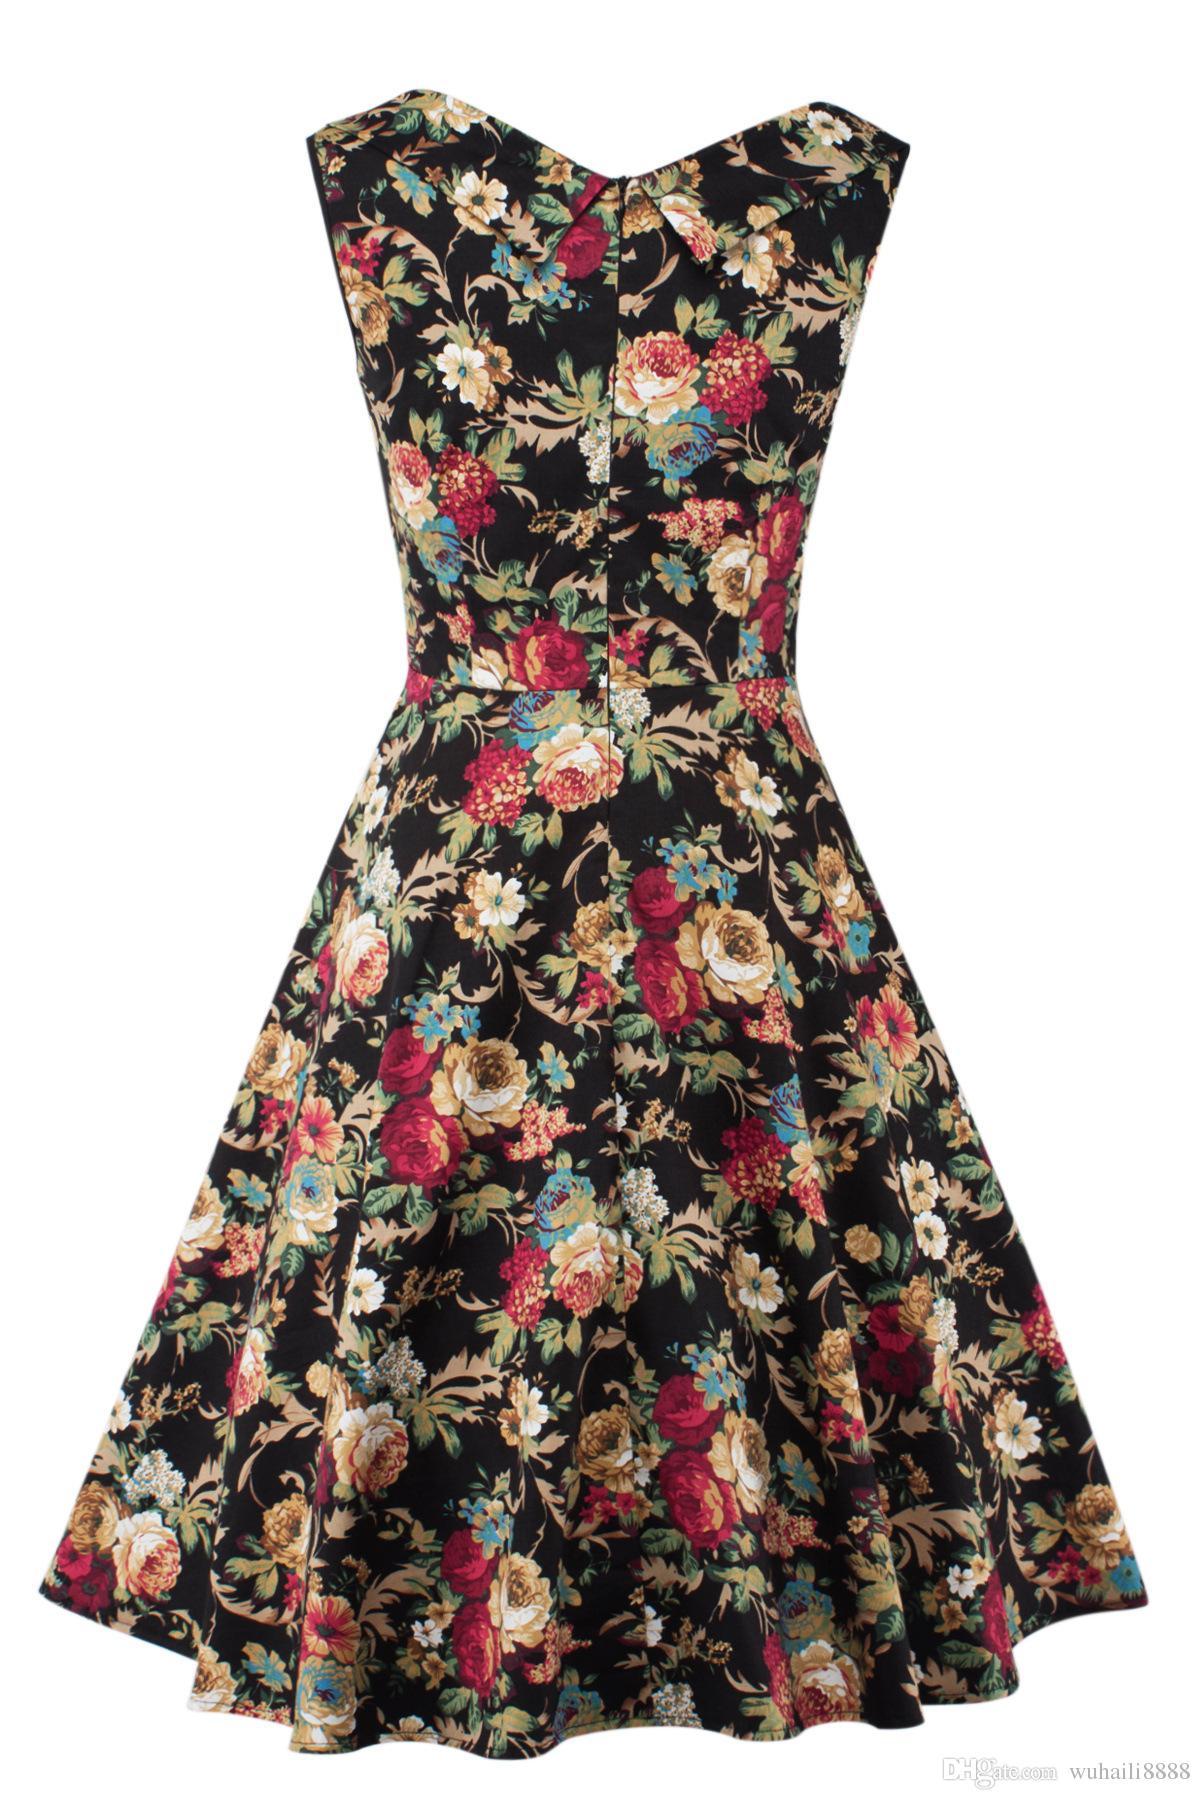 Rockabilly Retro S Frauen Kleider Pinup 50 60 Großhandel Vintage mOvw8yNn0